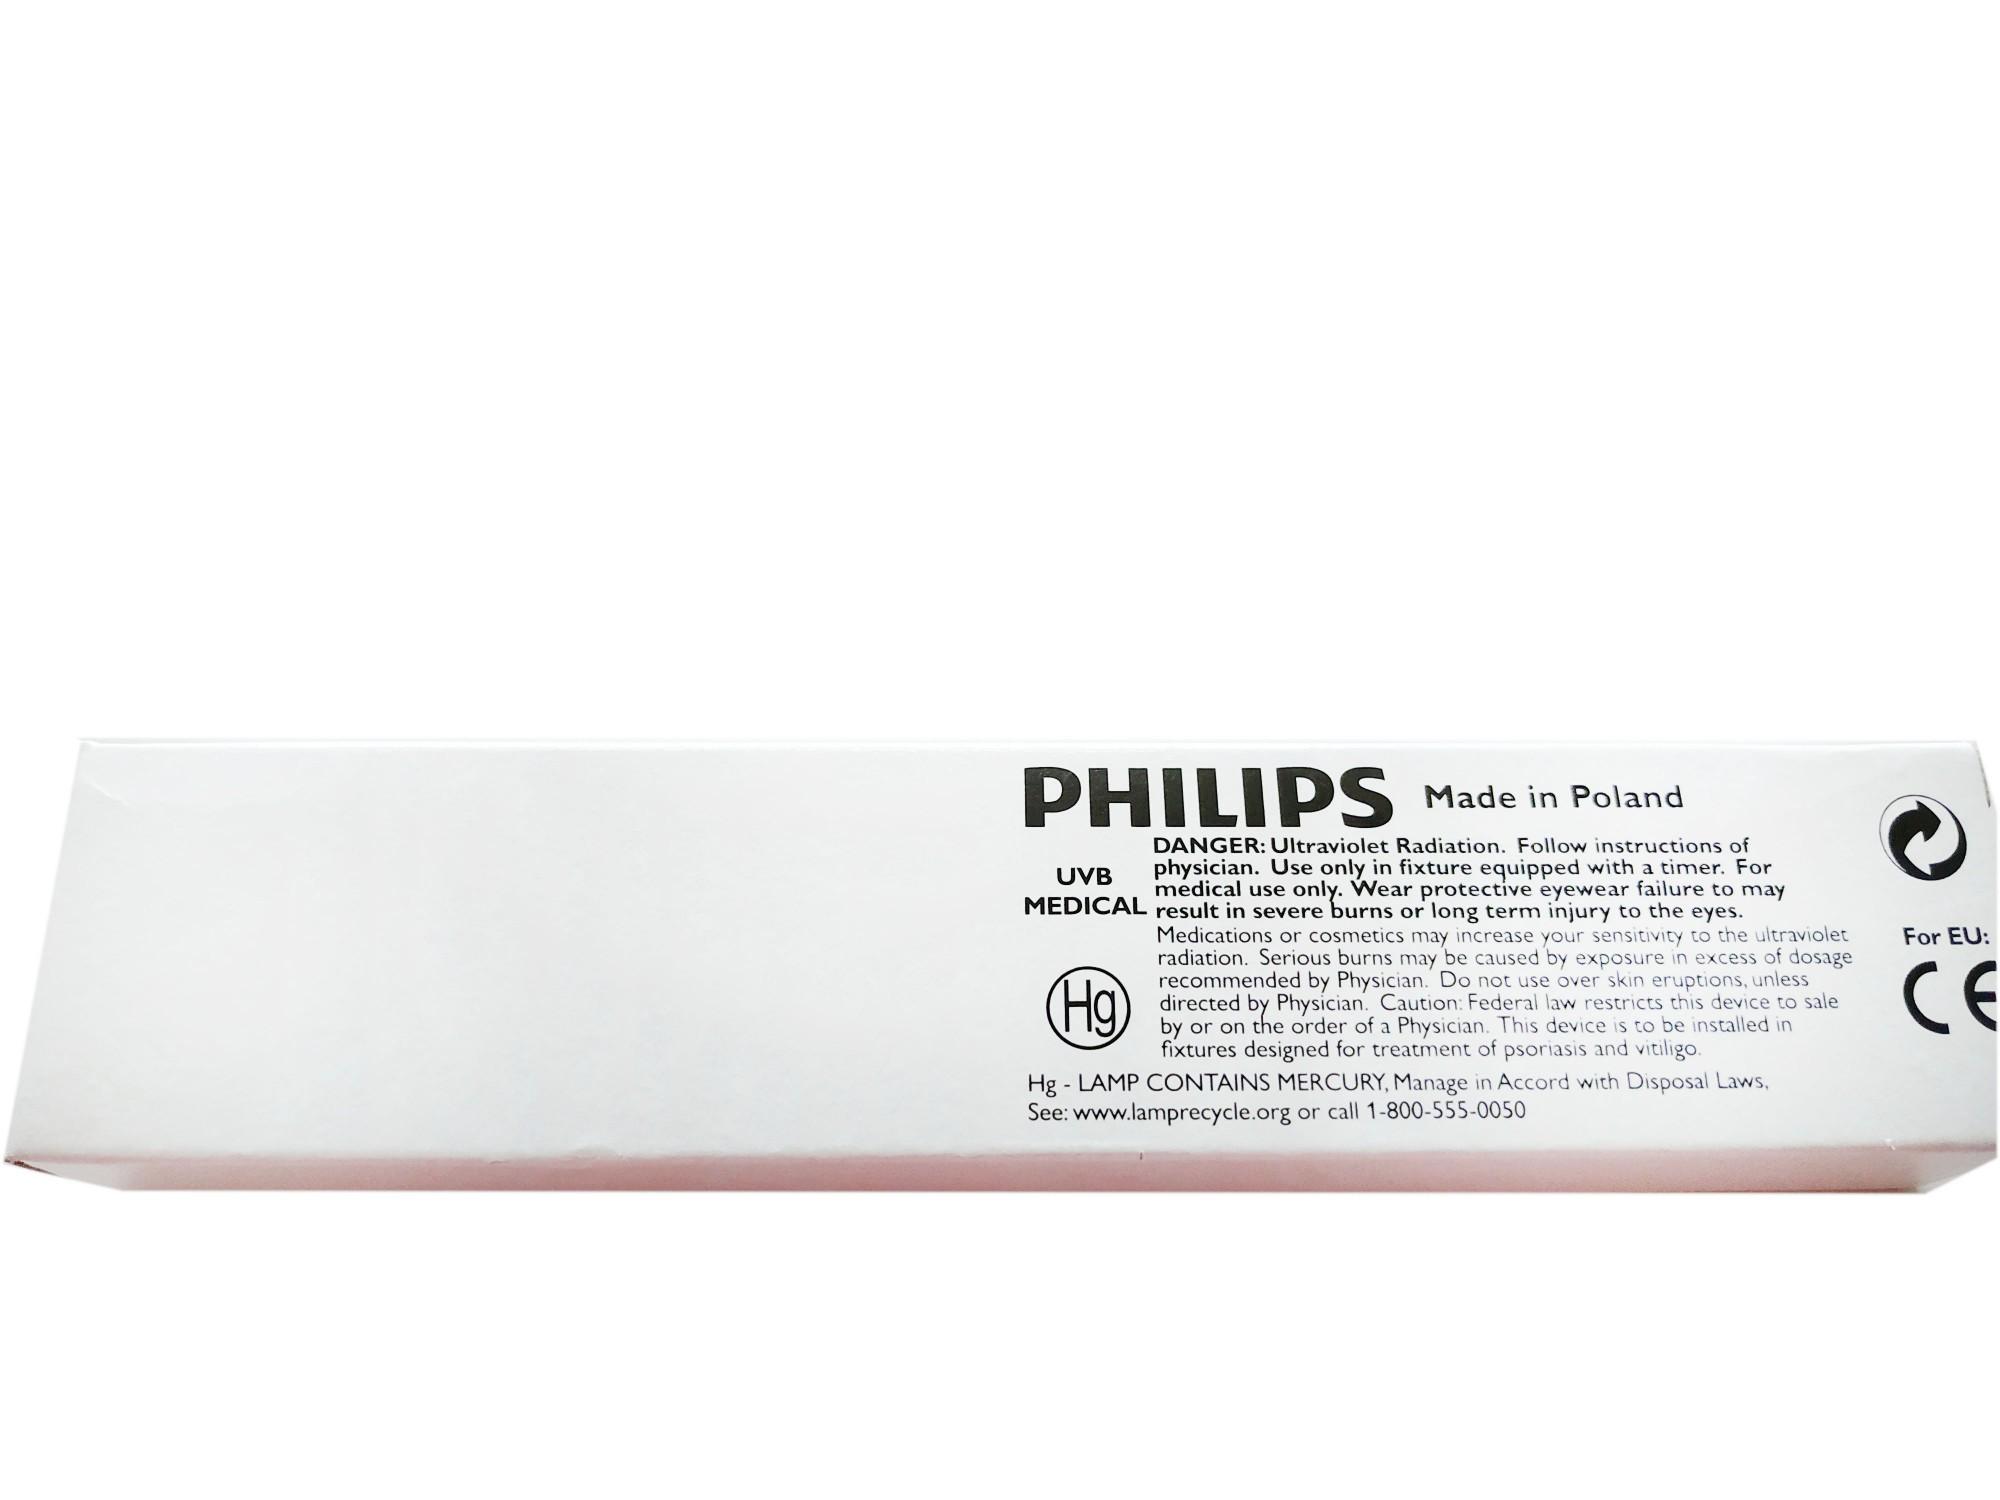 Acheter Lampe UVB à bande étroite PL-S de Philips,Lampe UVB à bande étroite PL-S de Philips Prix,Lampe UVB à bande étroite PL-S de Philips Marques,Lampe UVB à bande étroite PL-S de Philips Fabricant,Lampe UVB à bande étroite PL-S de Philips Quotes,Lampe UVB à bande étroite PL-S de Philips Société,